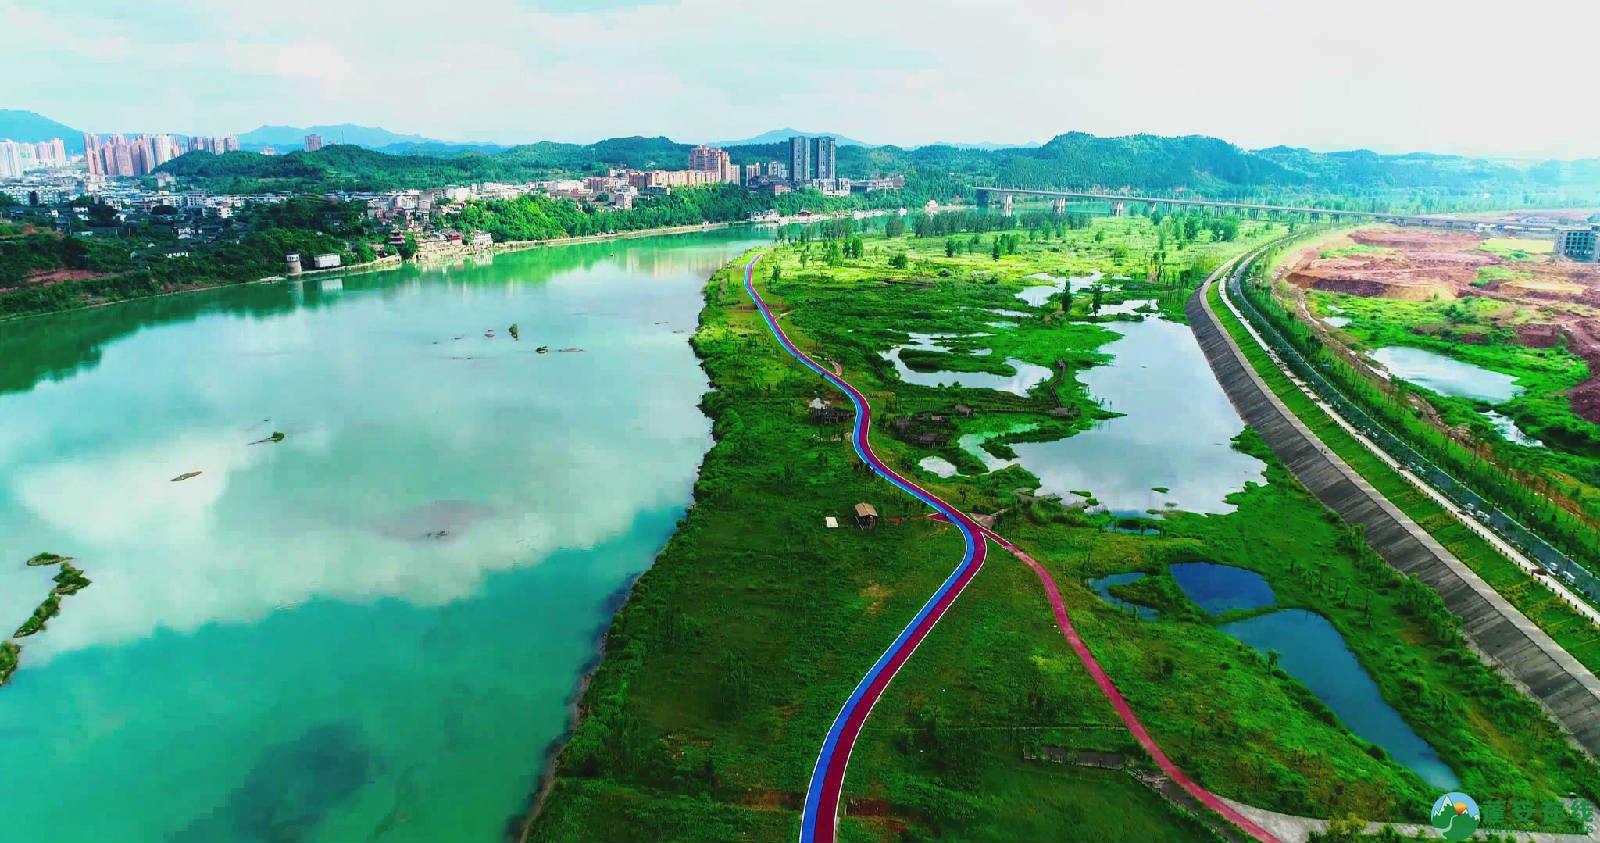 蓬安锦屏湿地公园双色跑道 - 第5张  | 蓬安在线